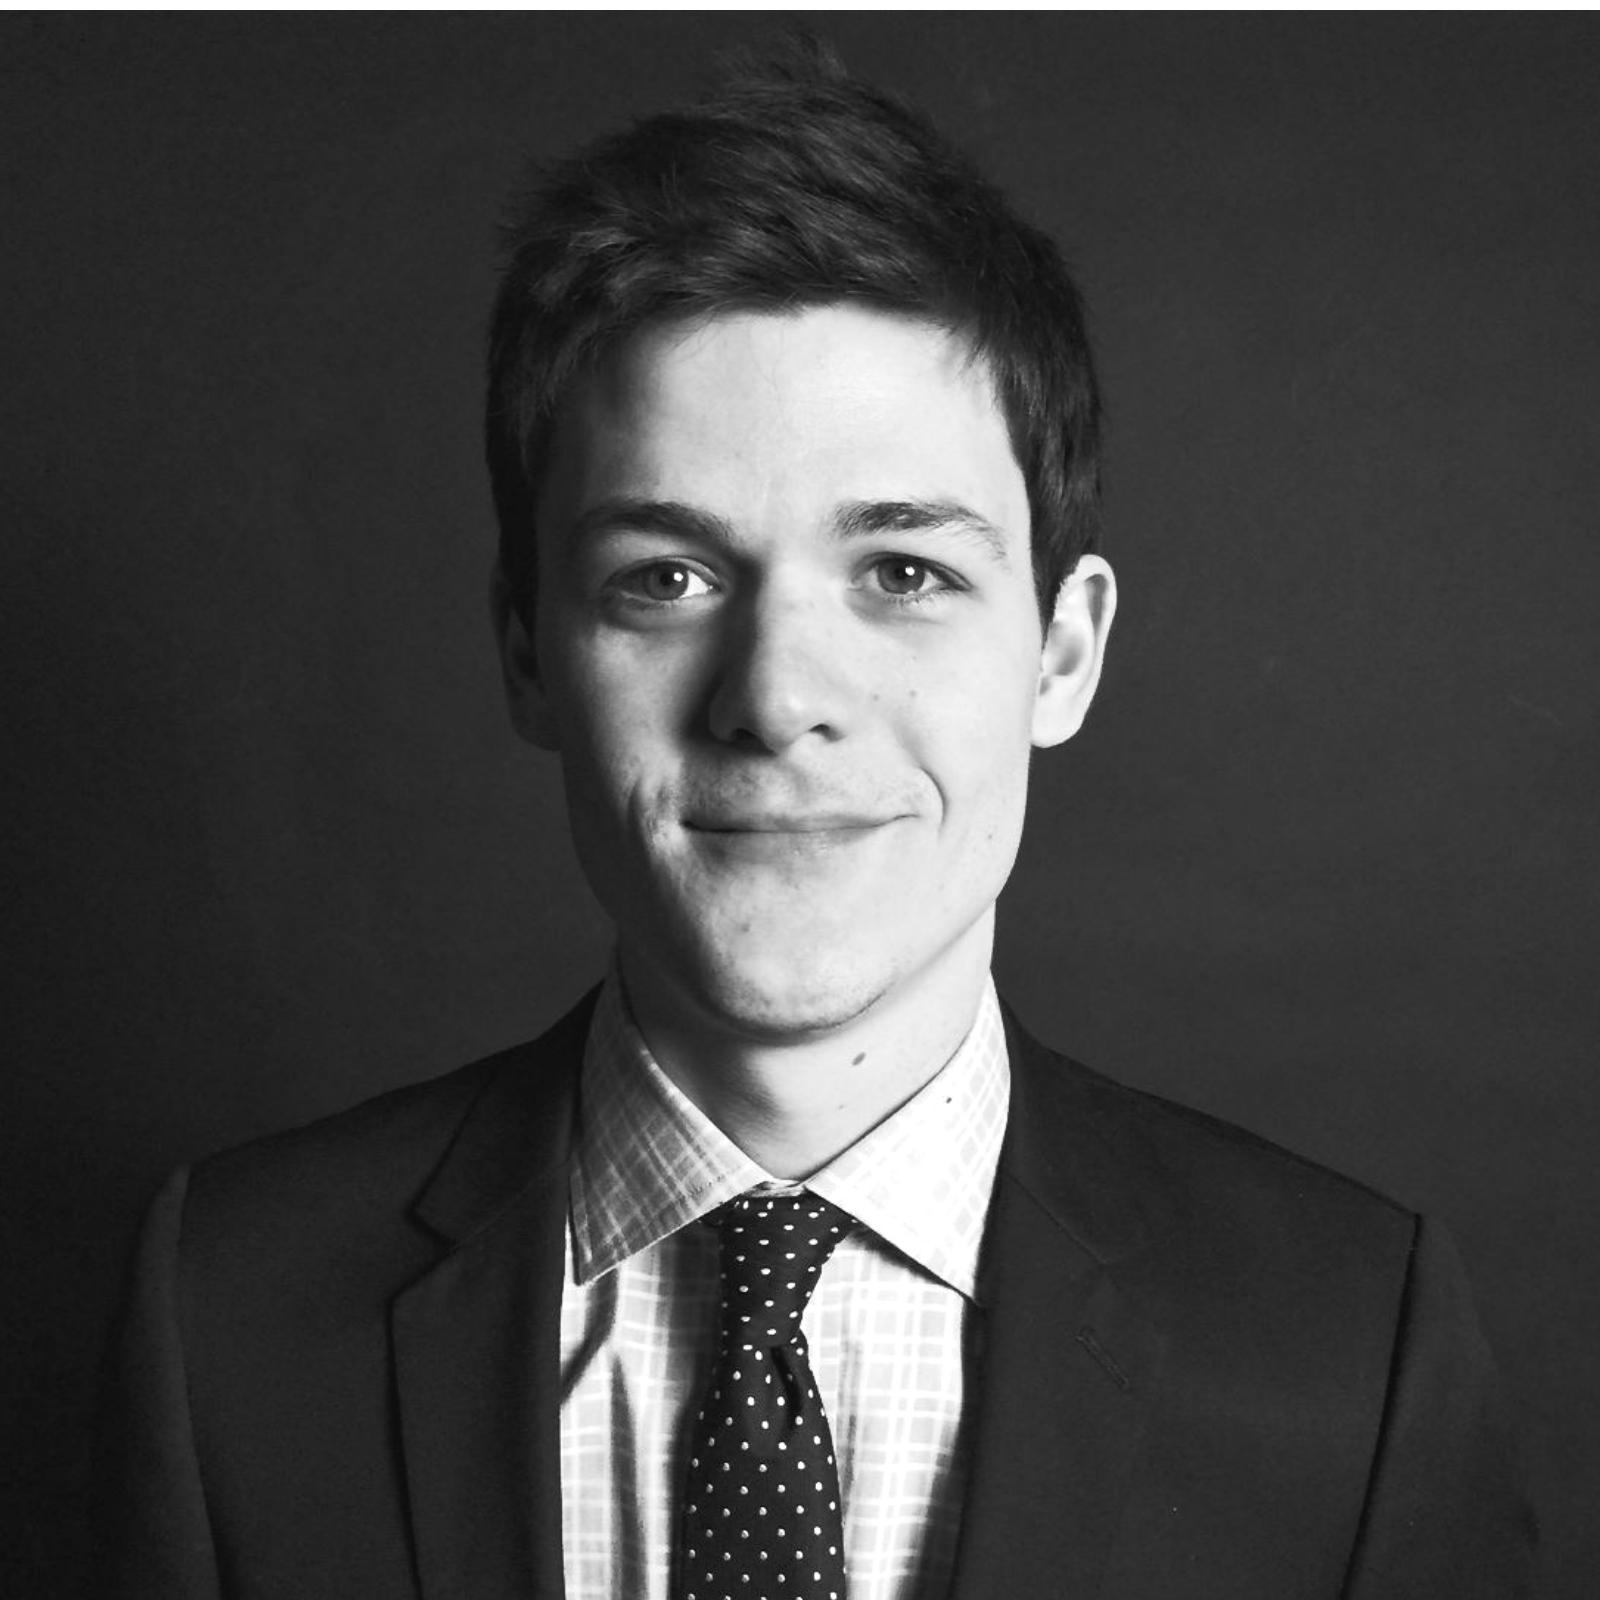 Zack Yanger - Head of Marketing & Content, SuperRare.co